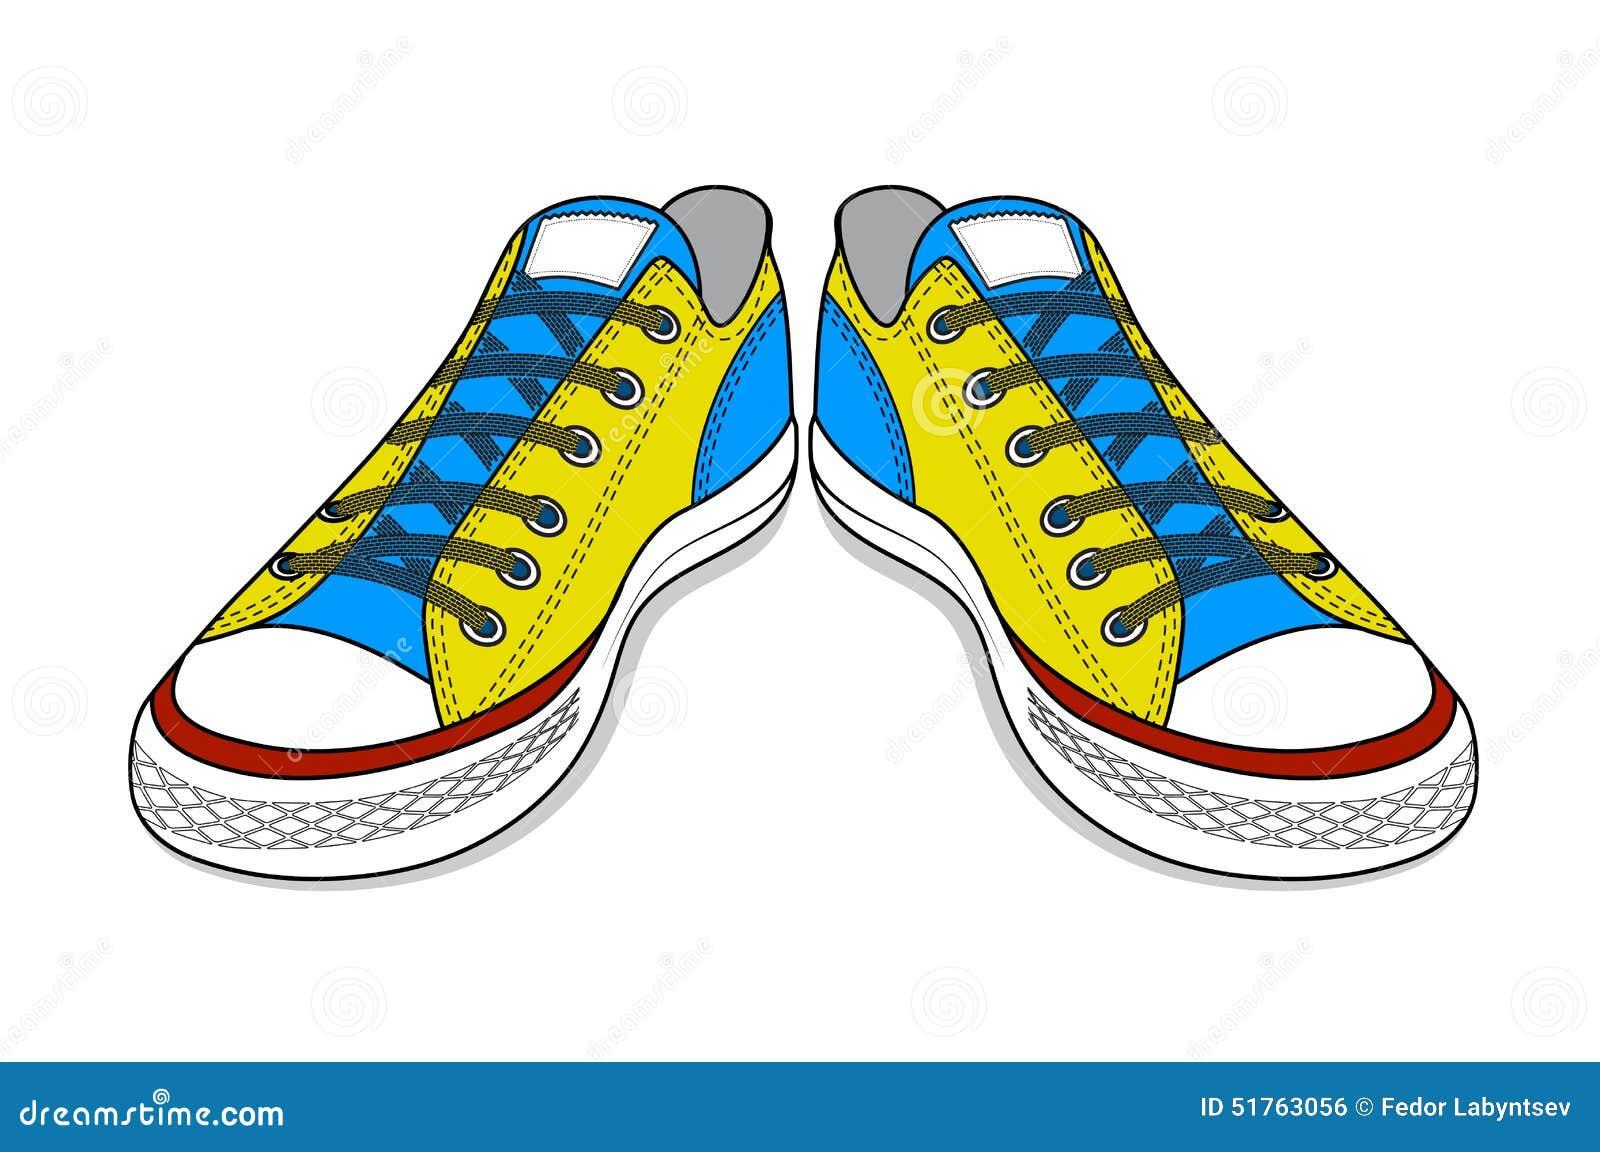 dessin des chaussures de sports chaussures faciles de la jeunesse image libre de droits